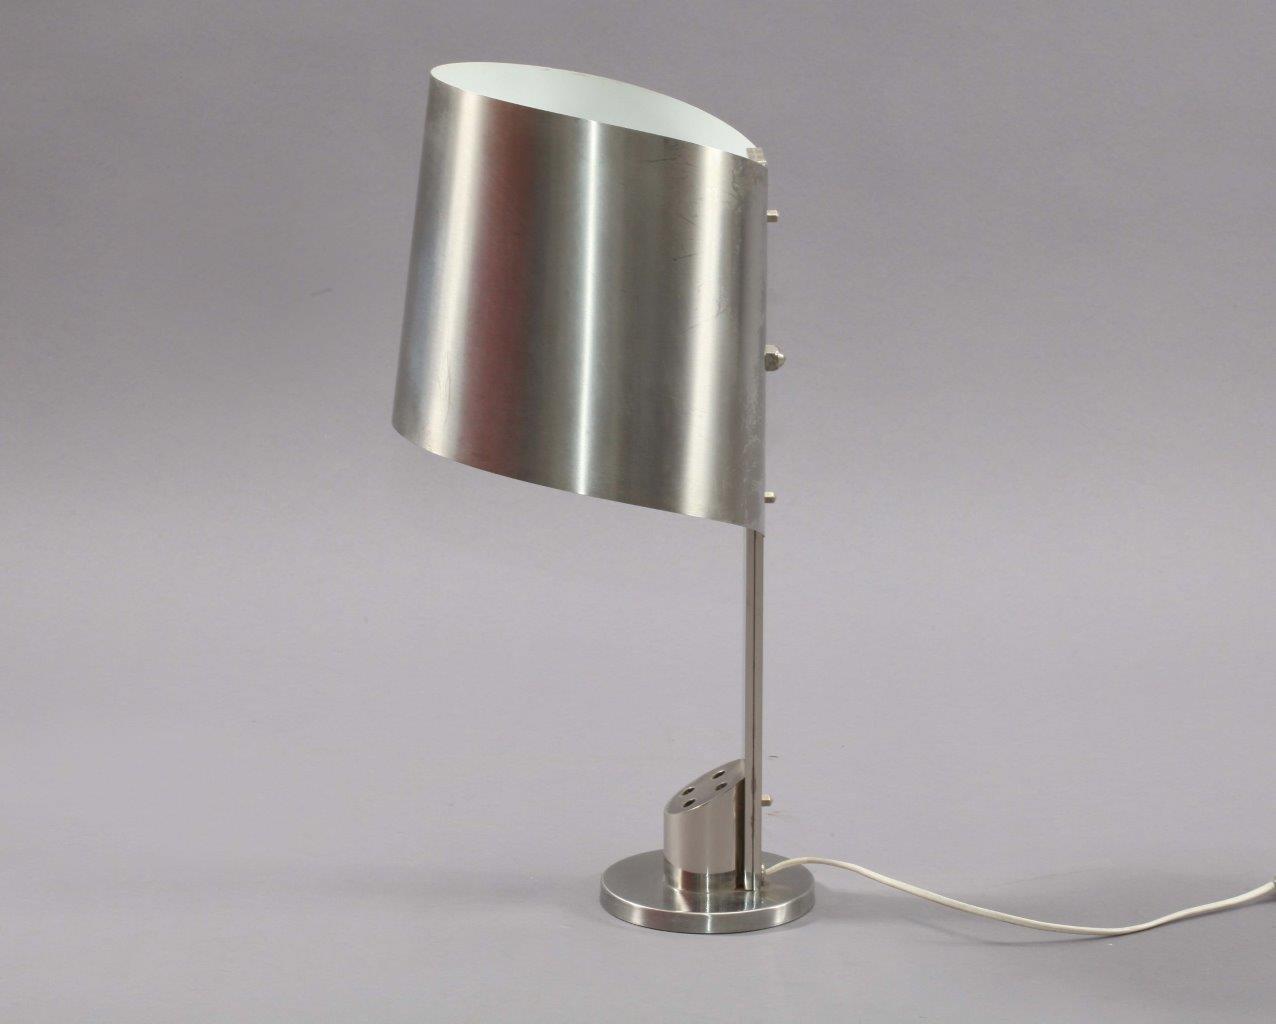 Schreibtischlampe aus Edelstahl von Maison Charles, 1970er